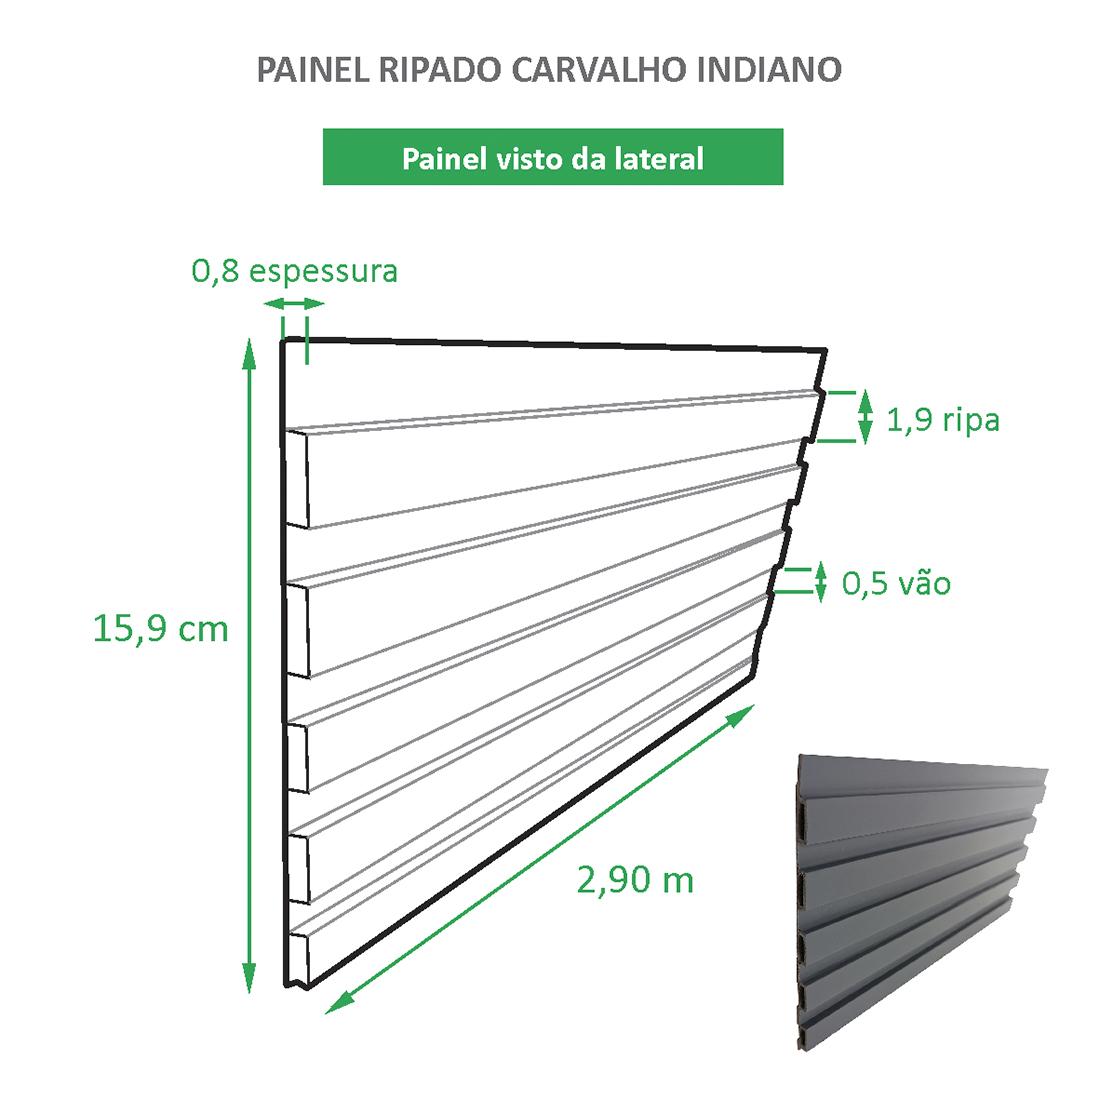 Painel Ripado Ecológico RENO Carvalho Indiano  - Novidade placa com 0,46m²